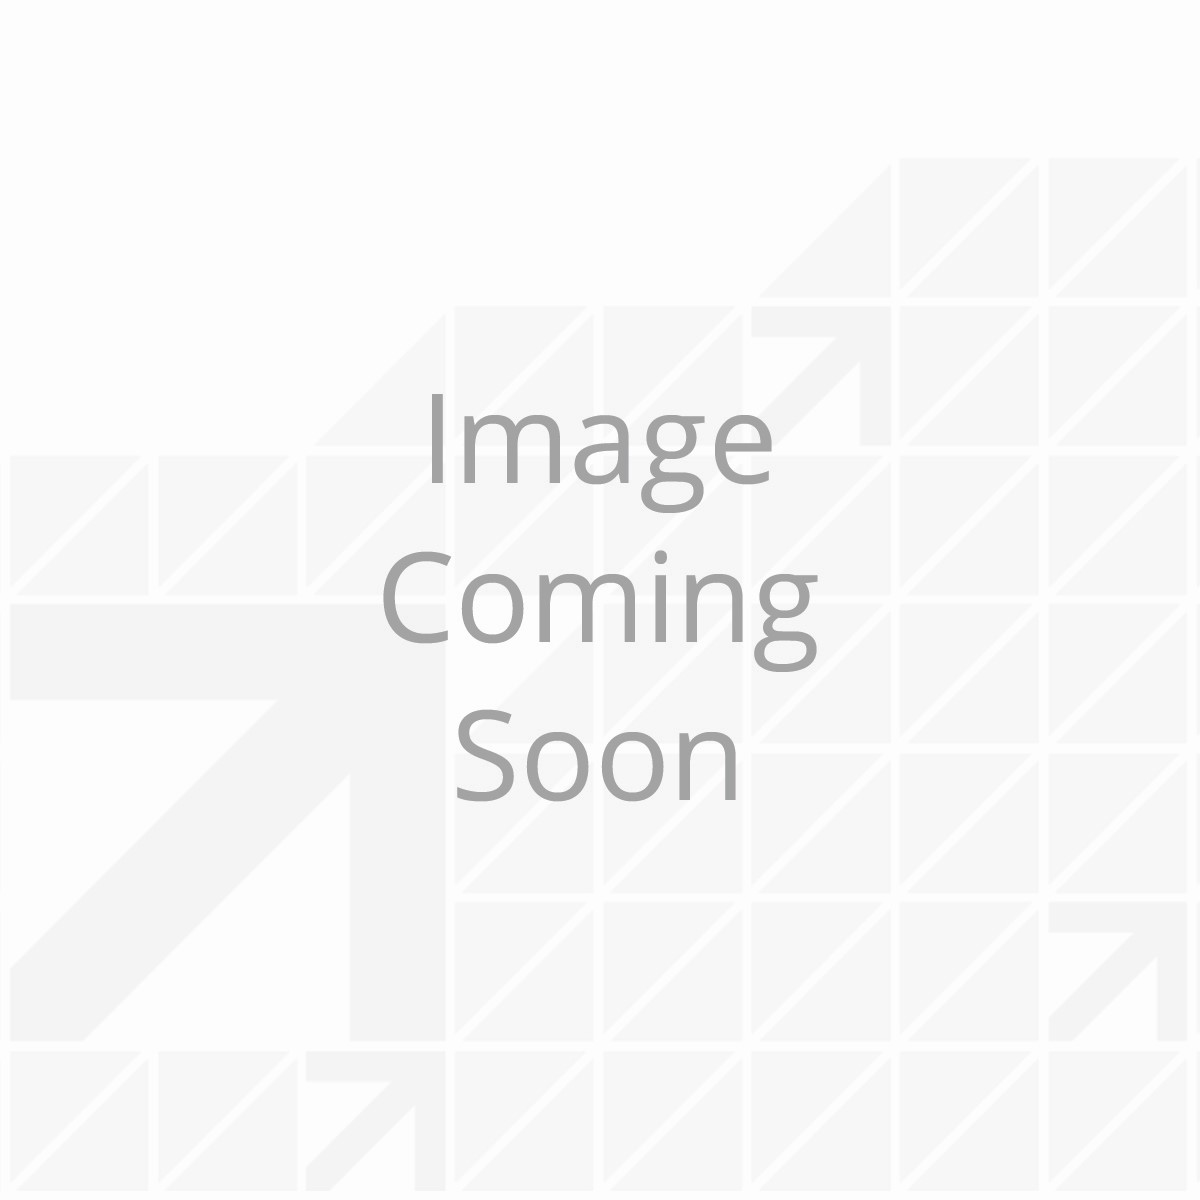 NIKE Carry On Luggage - Black